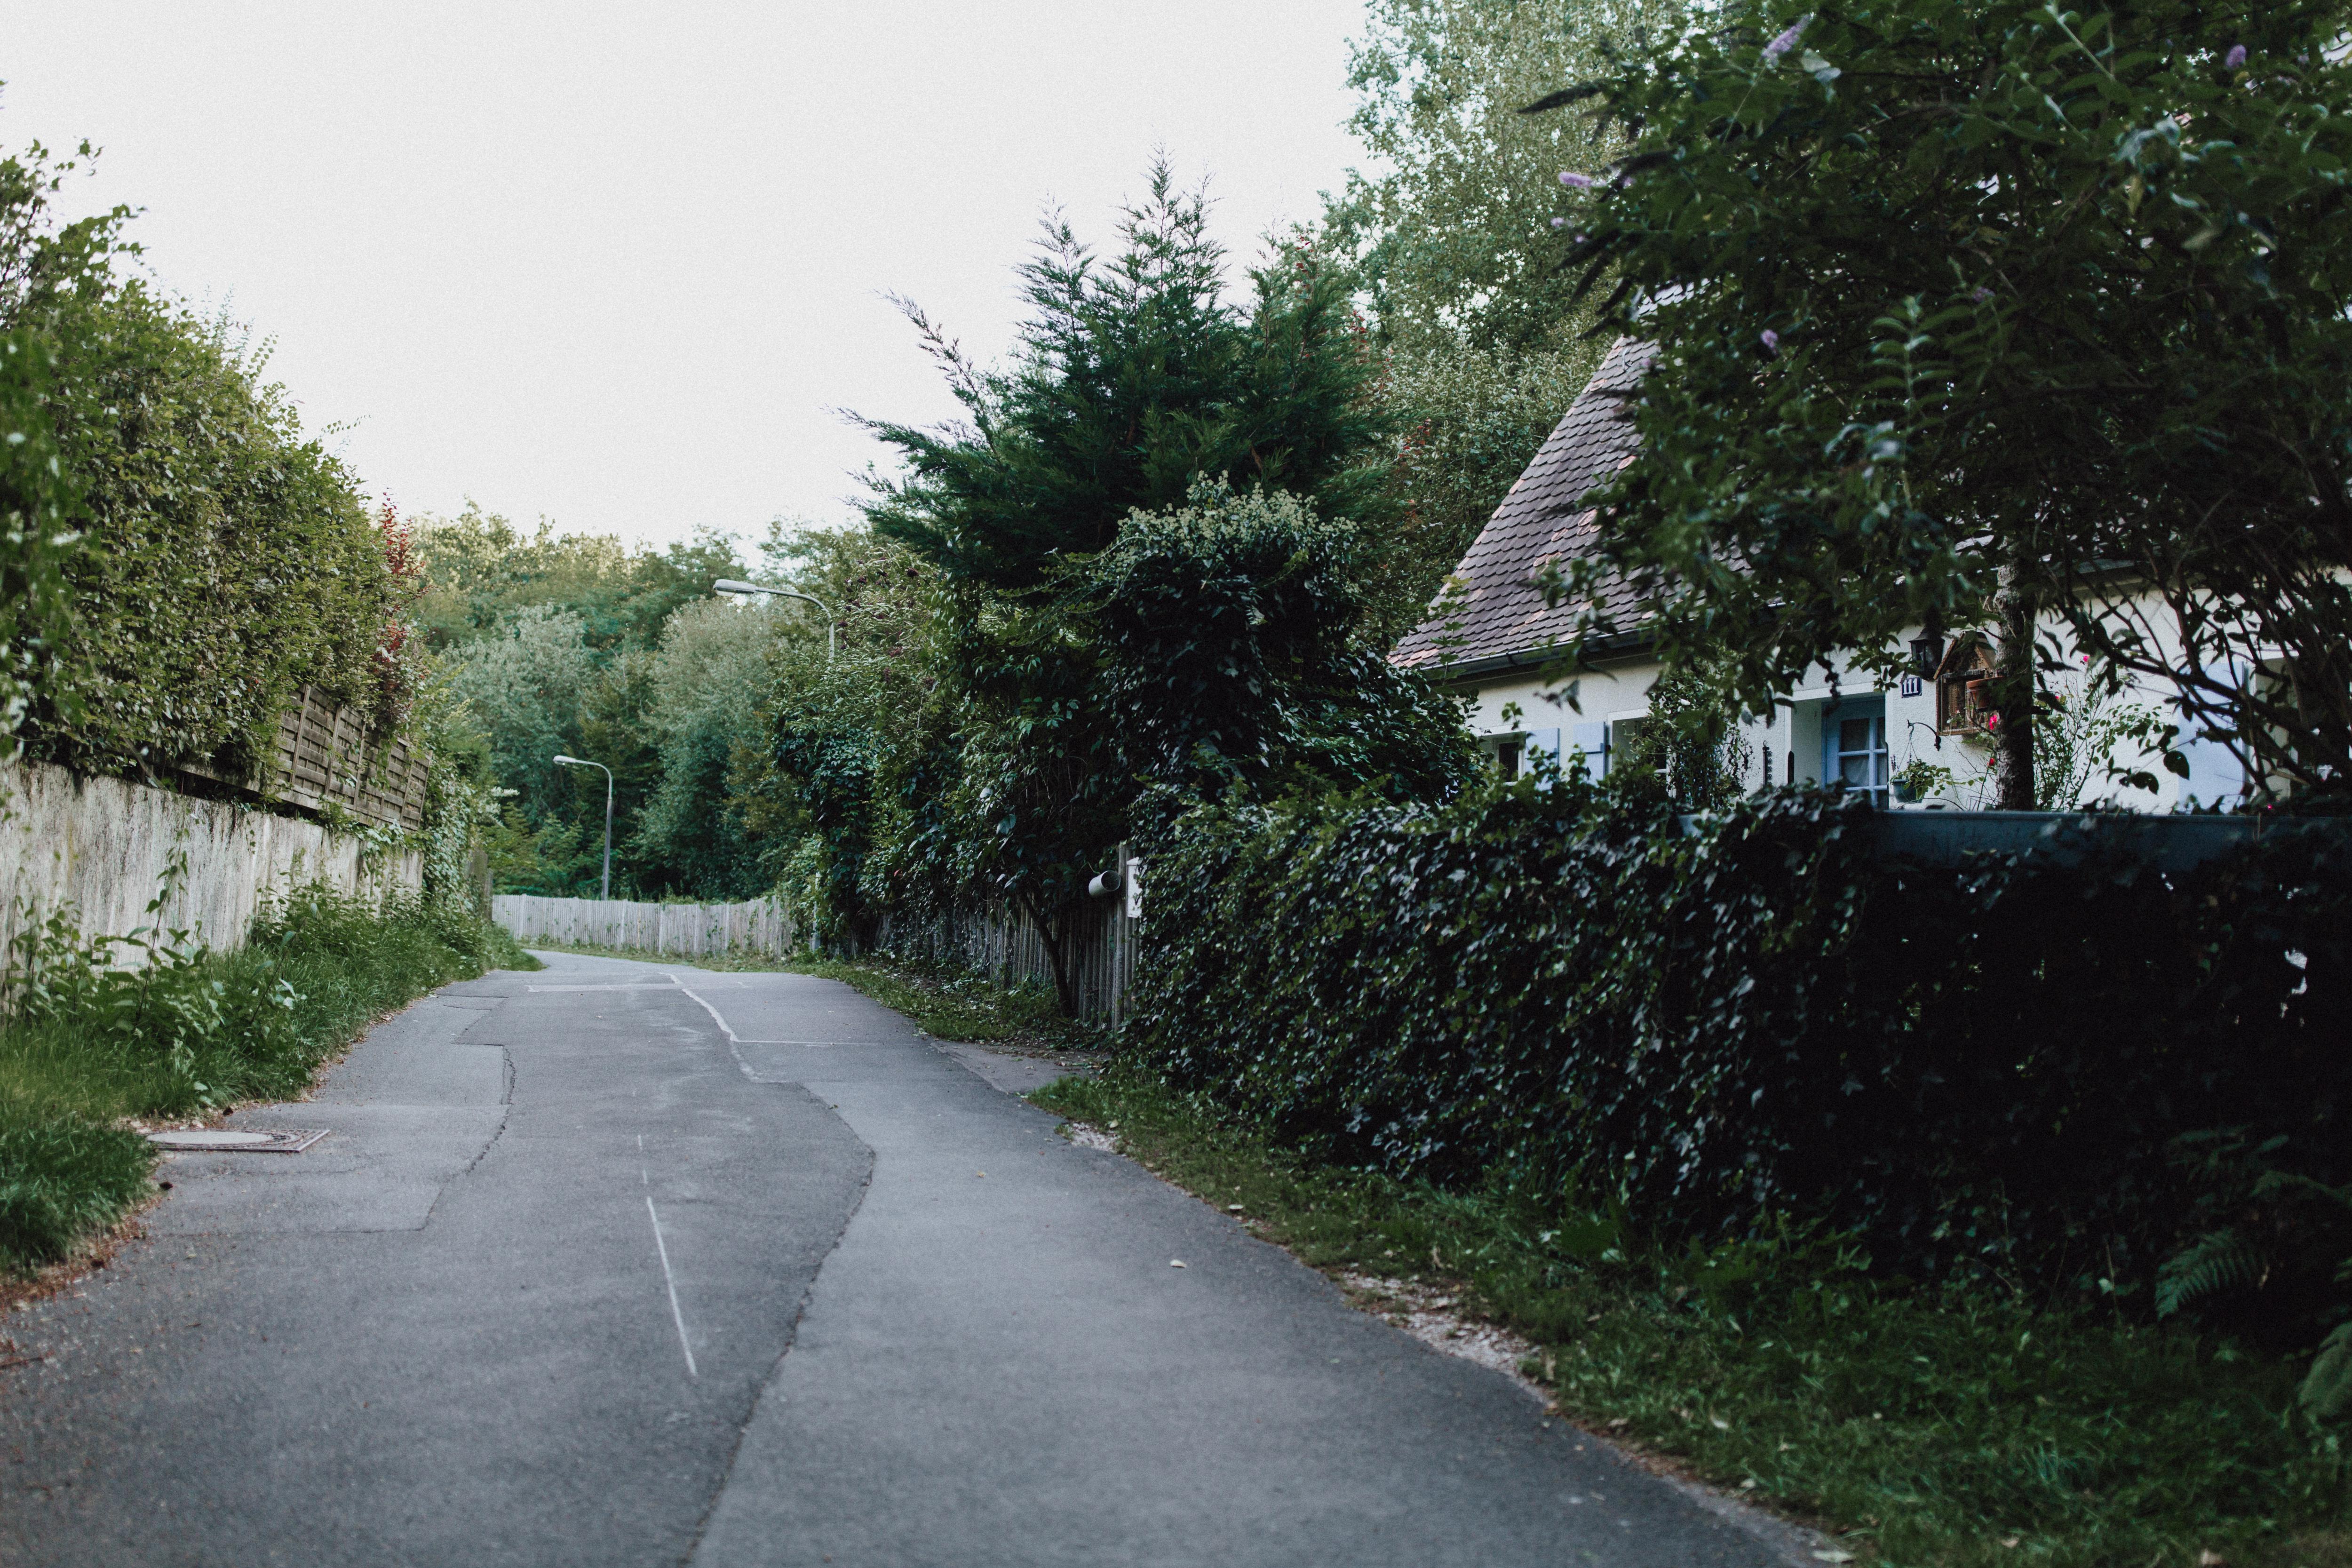 URBANERIE_Daniela_Goth_Fotografin_Nürnberg_Fürth_Erlangen_Schwabach_170906_001_0066